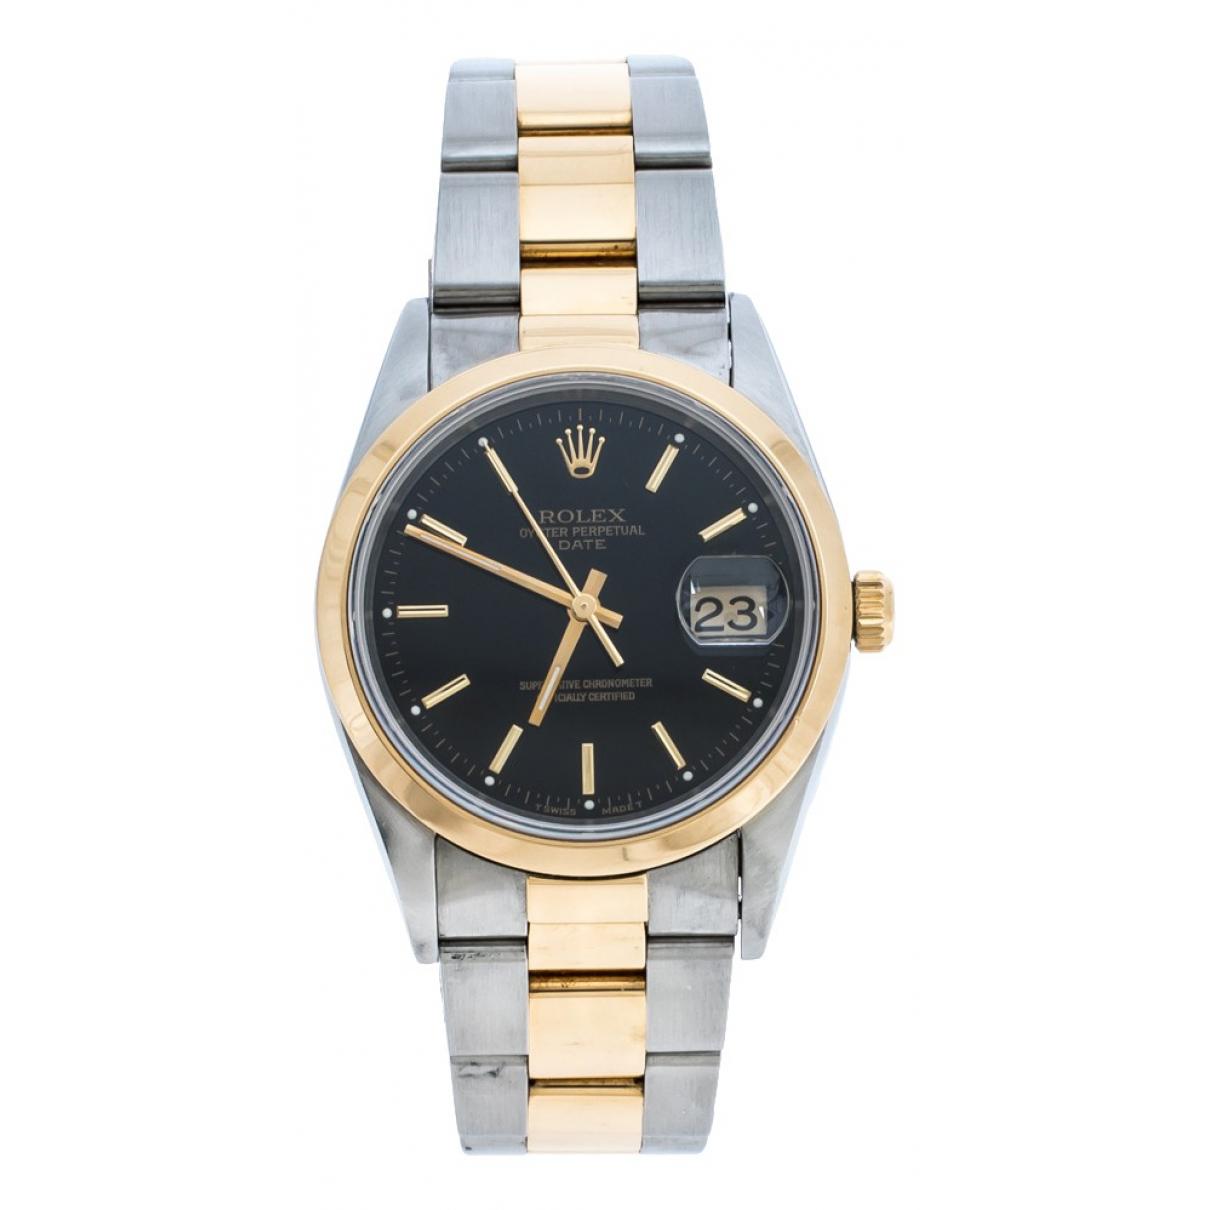 Rolex - Montre Oyster Perpetual 34mm pour homme en or et acier - argente